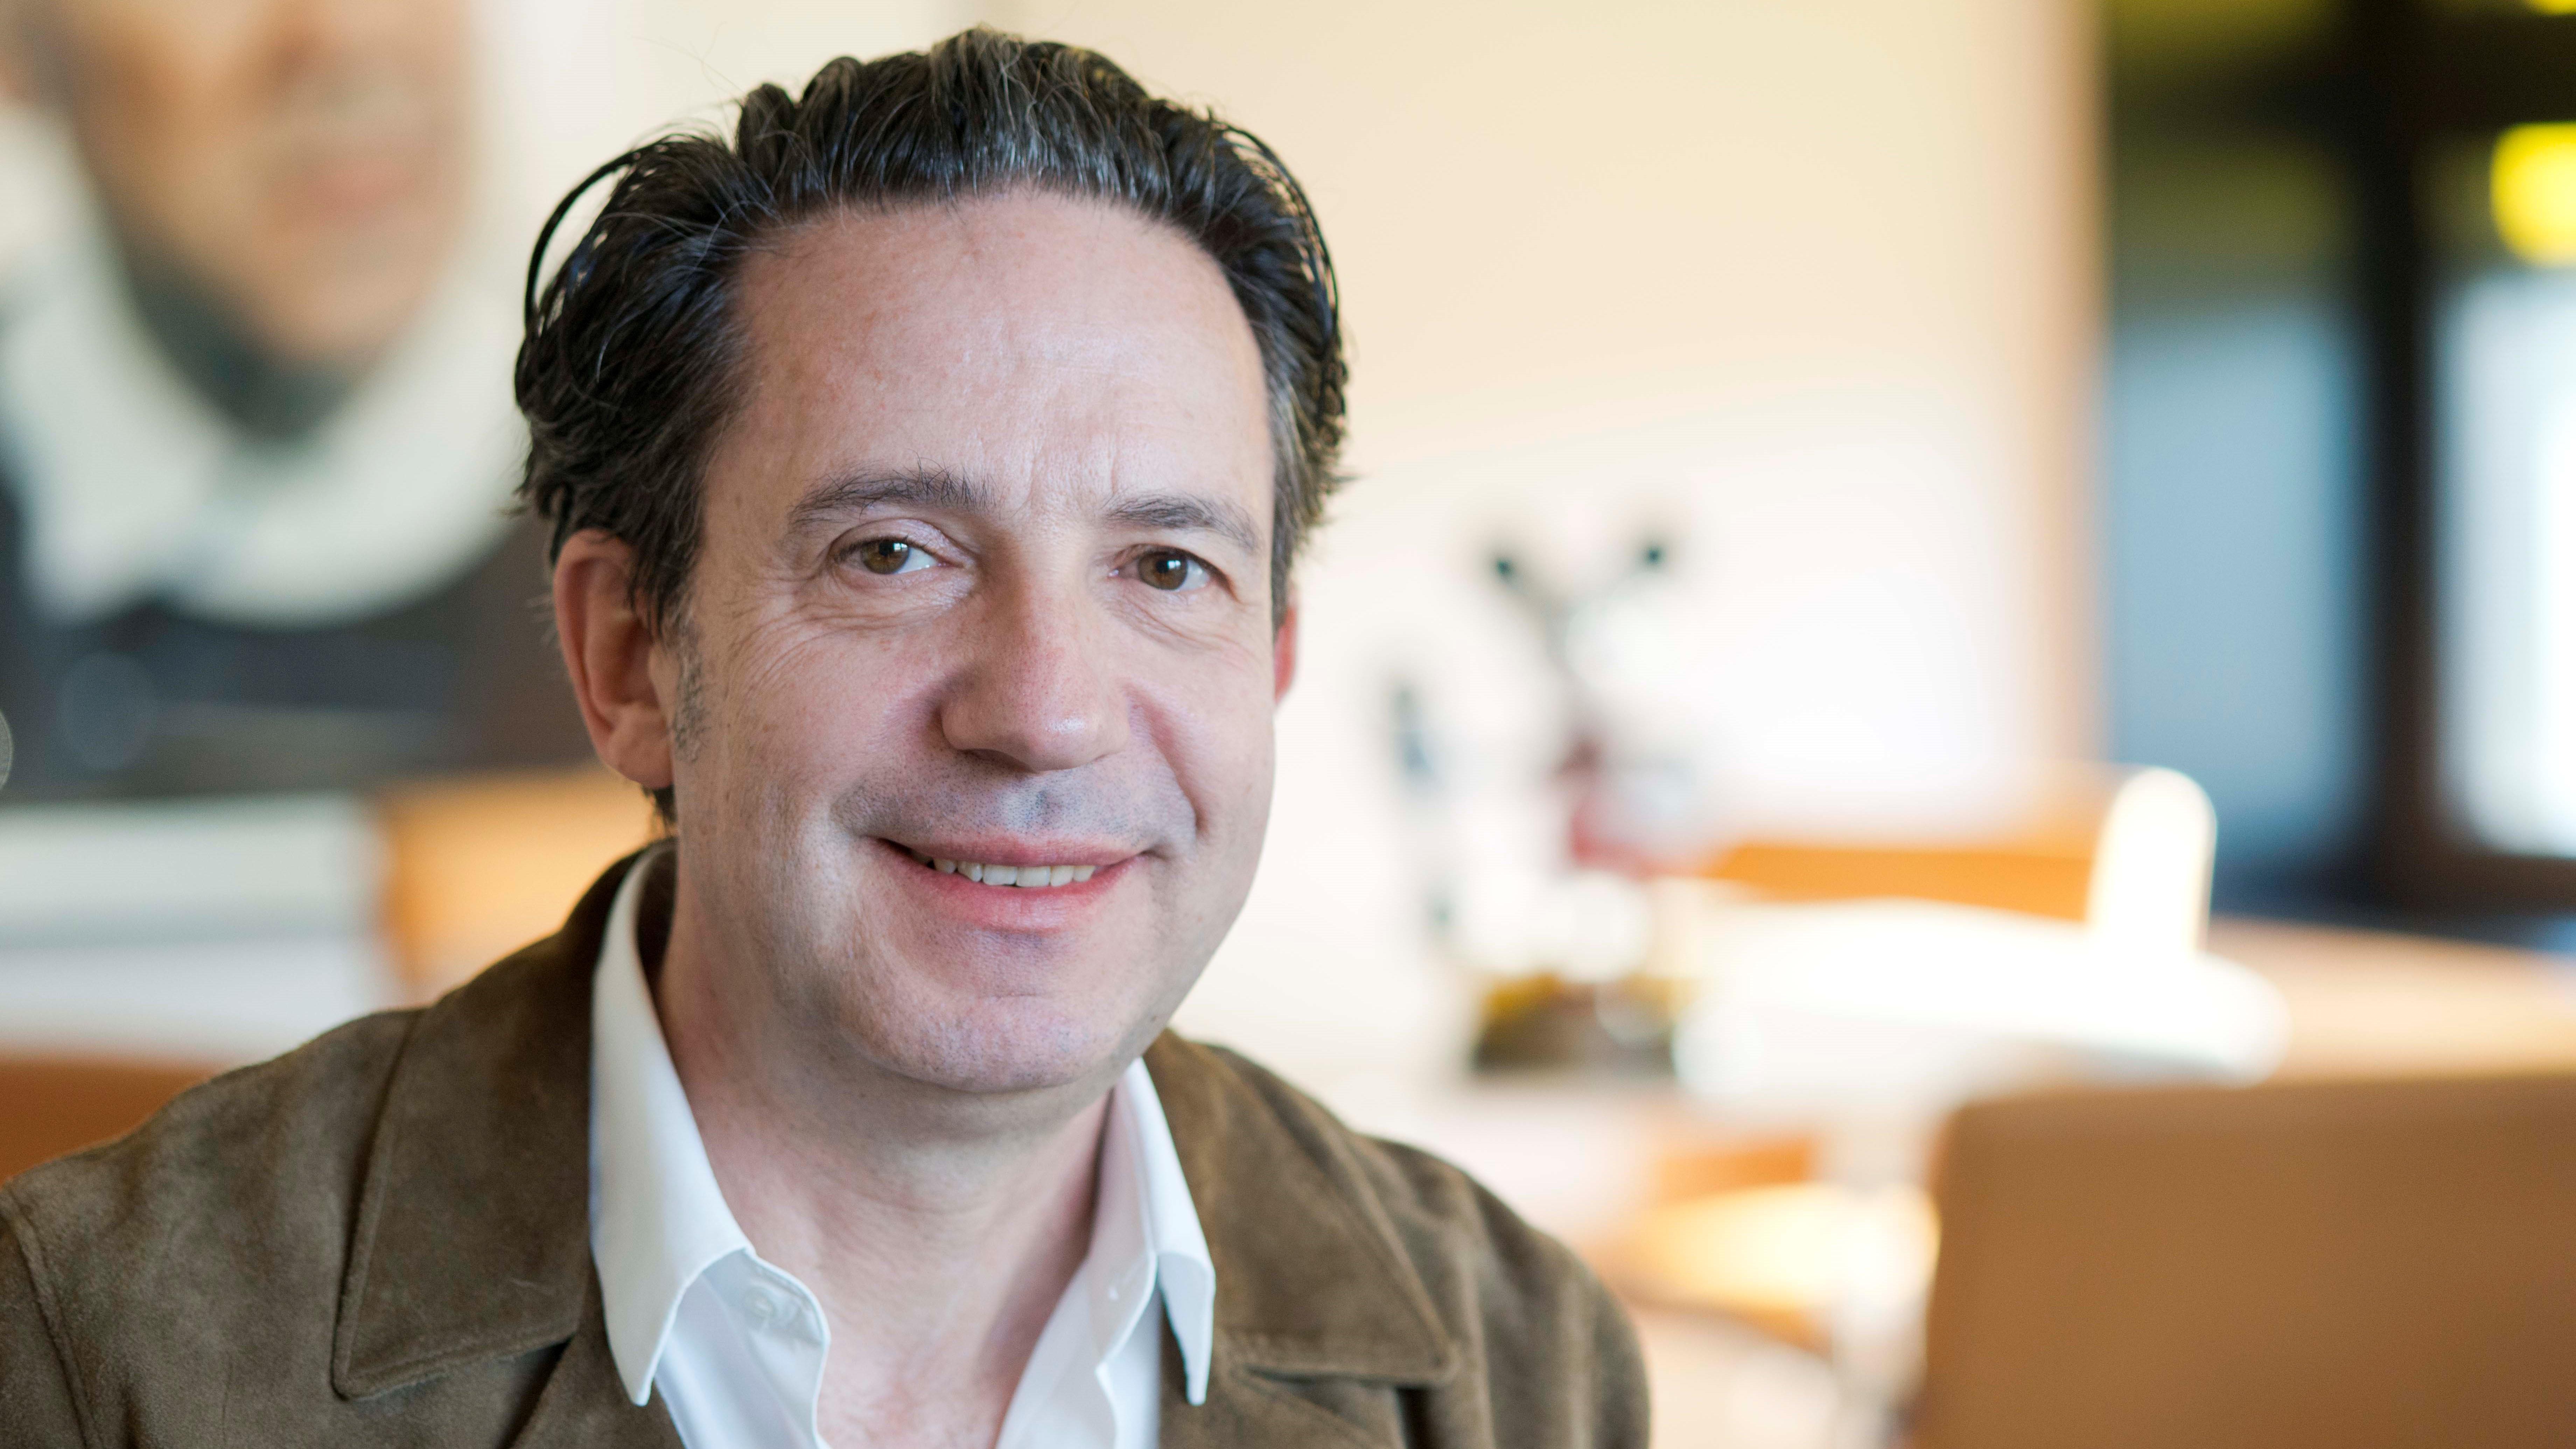 Teilnehmer: Jörg Herweck, Unternehmer